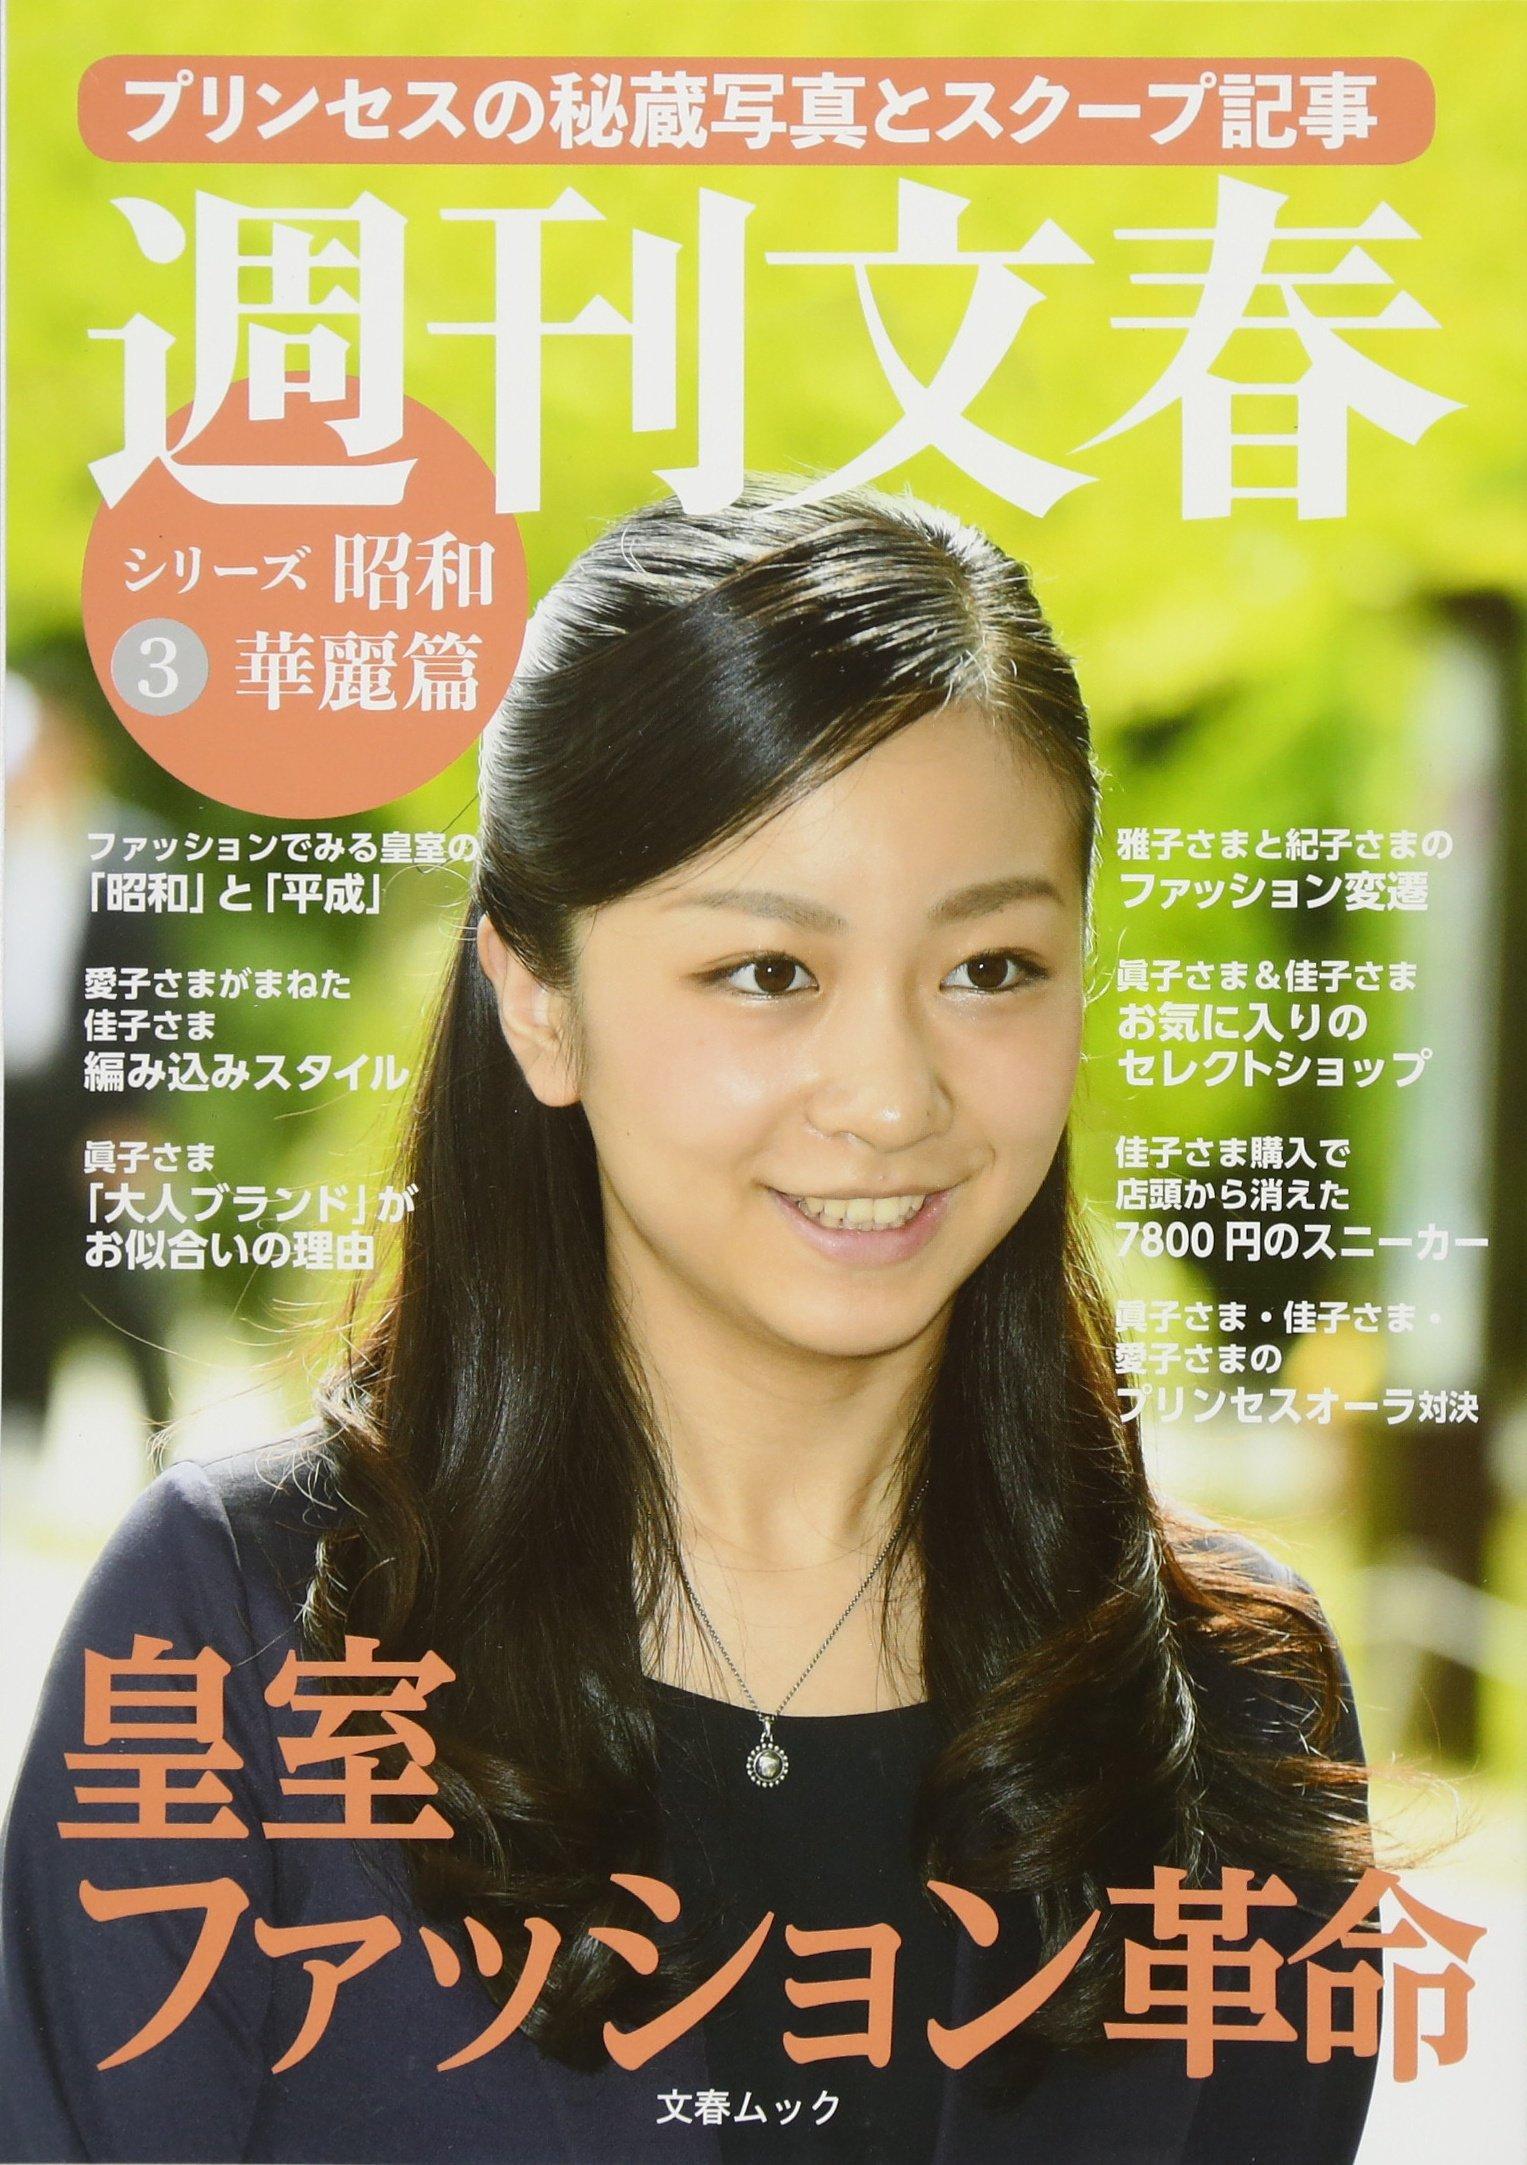 佳子さまの写真集9冊まとめ!気になる私服姿まで?【画像